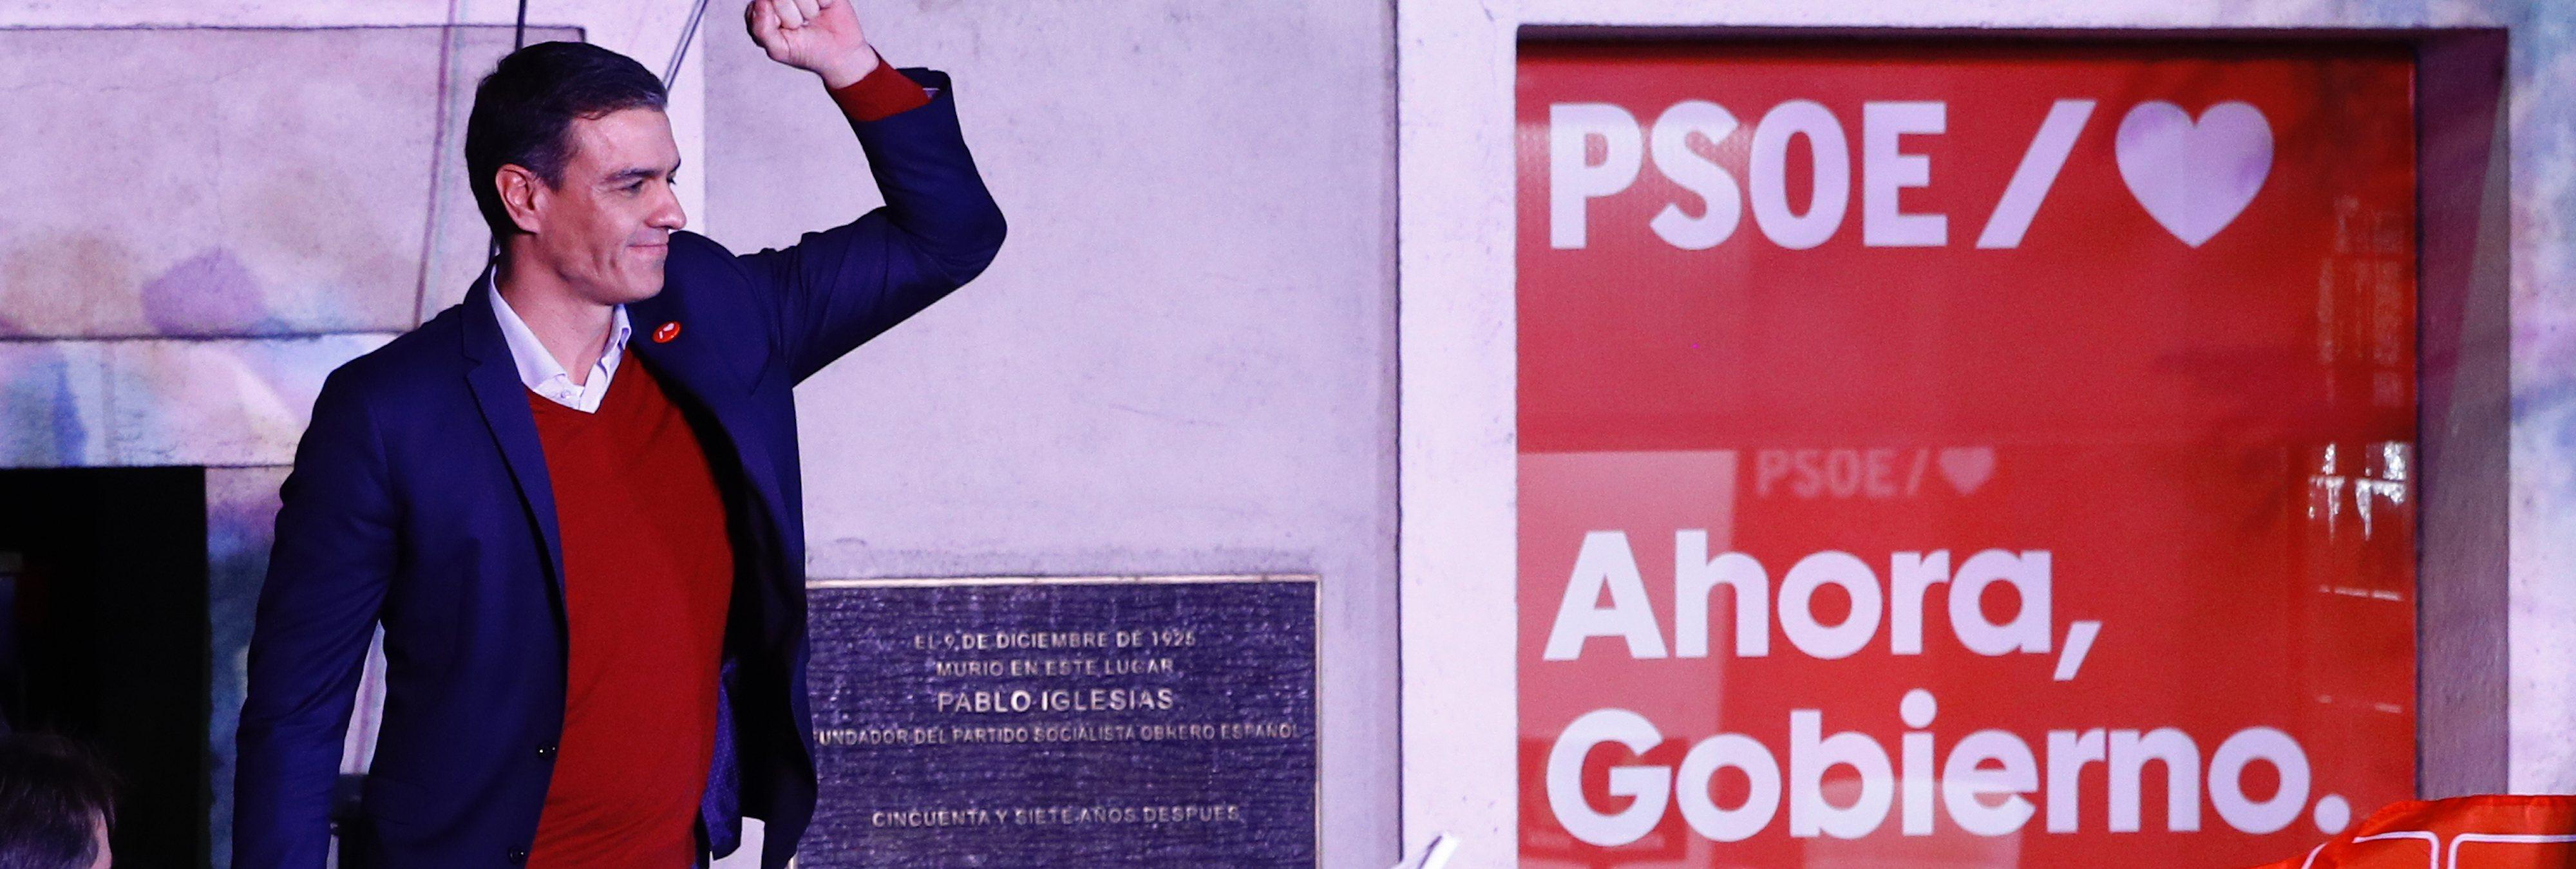 El PSOE de Pedro Sánchez gana las elecciones, VOX tercera fuerza y Cs se hunde